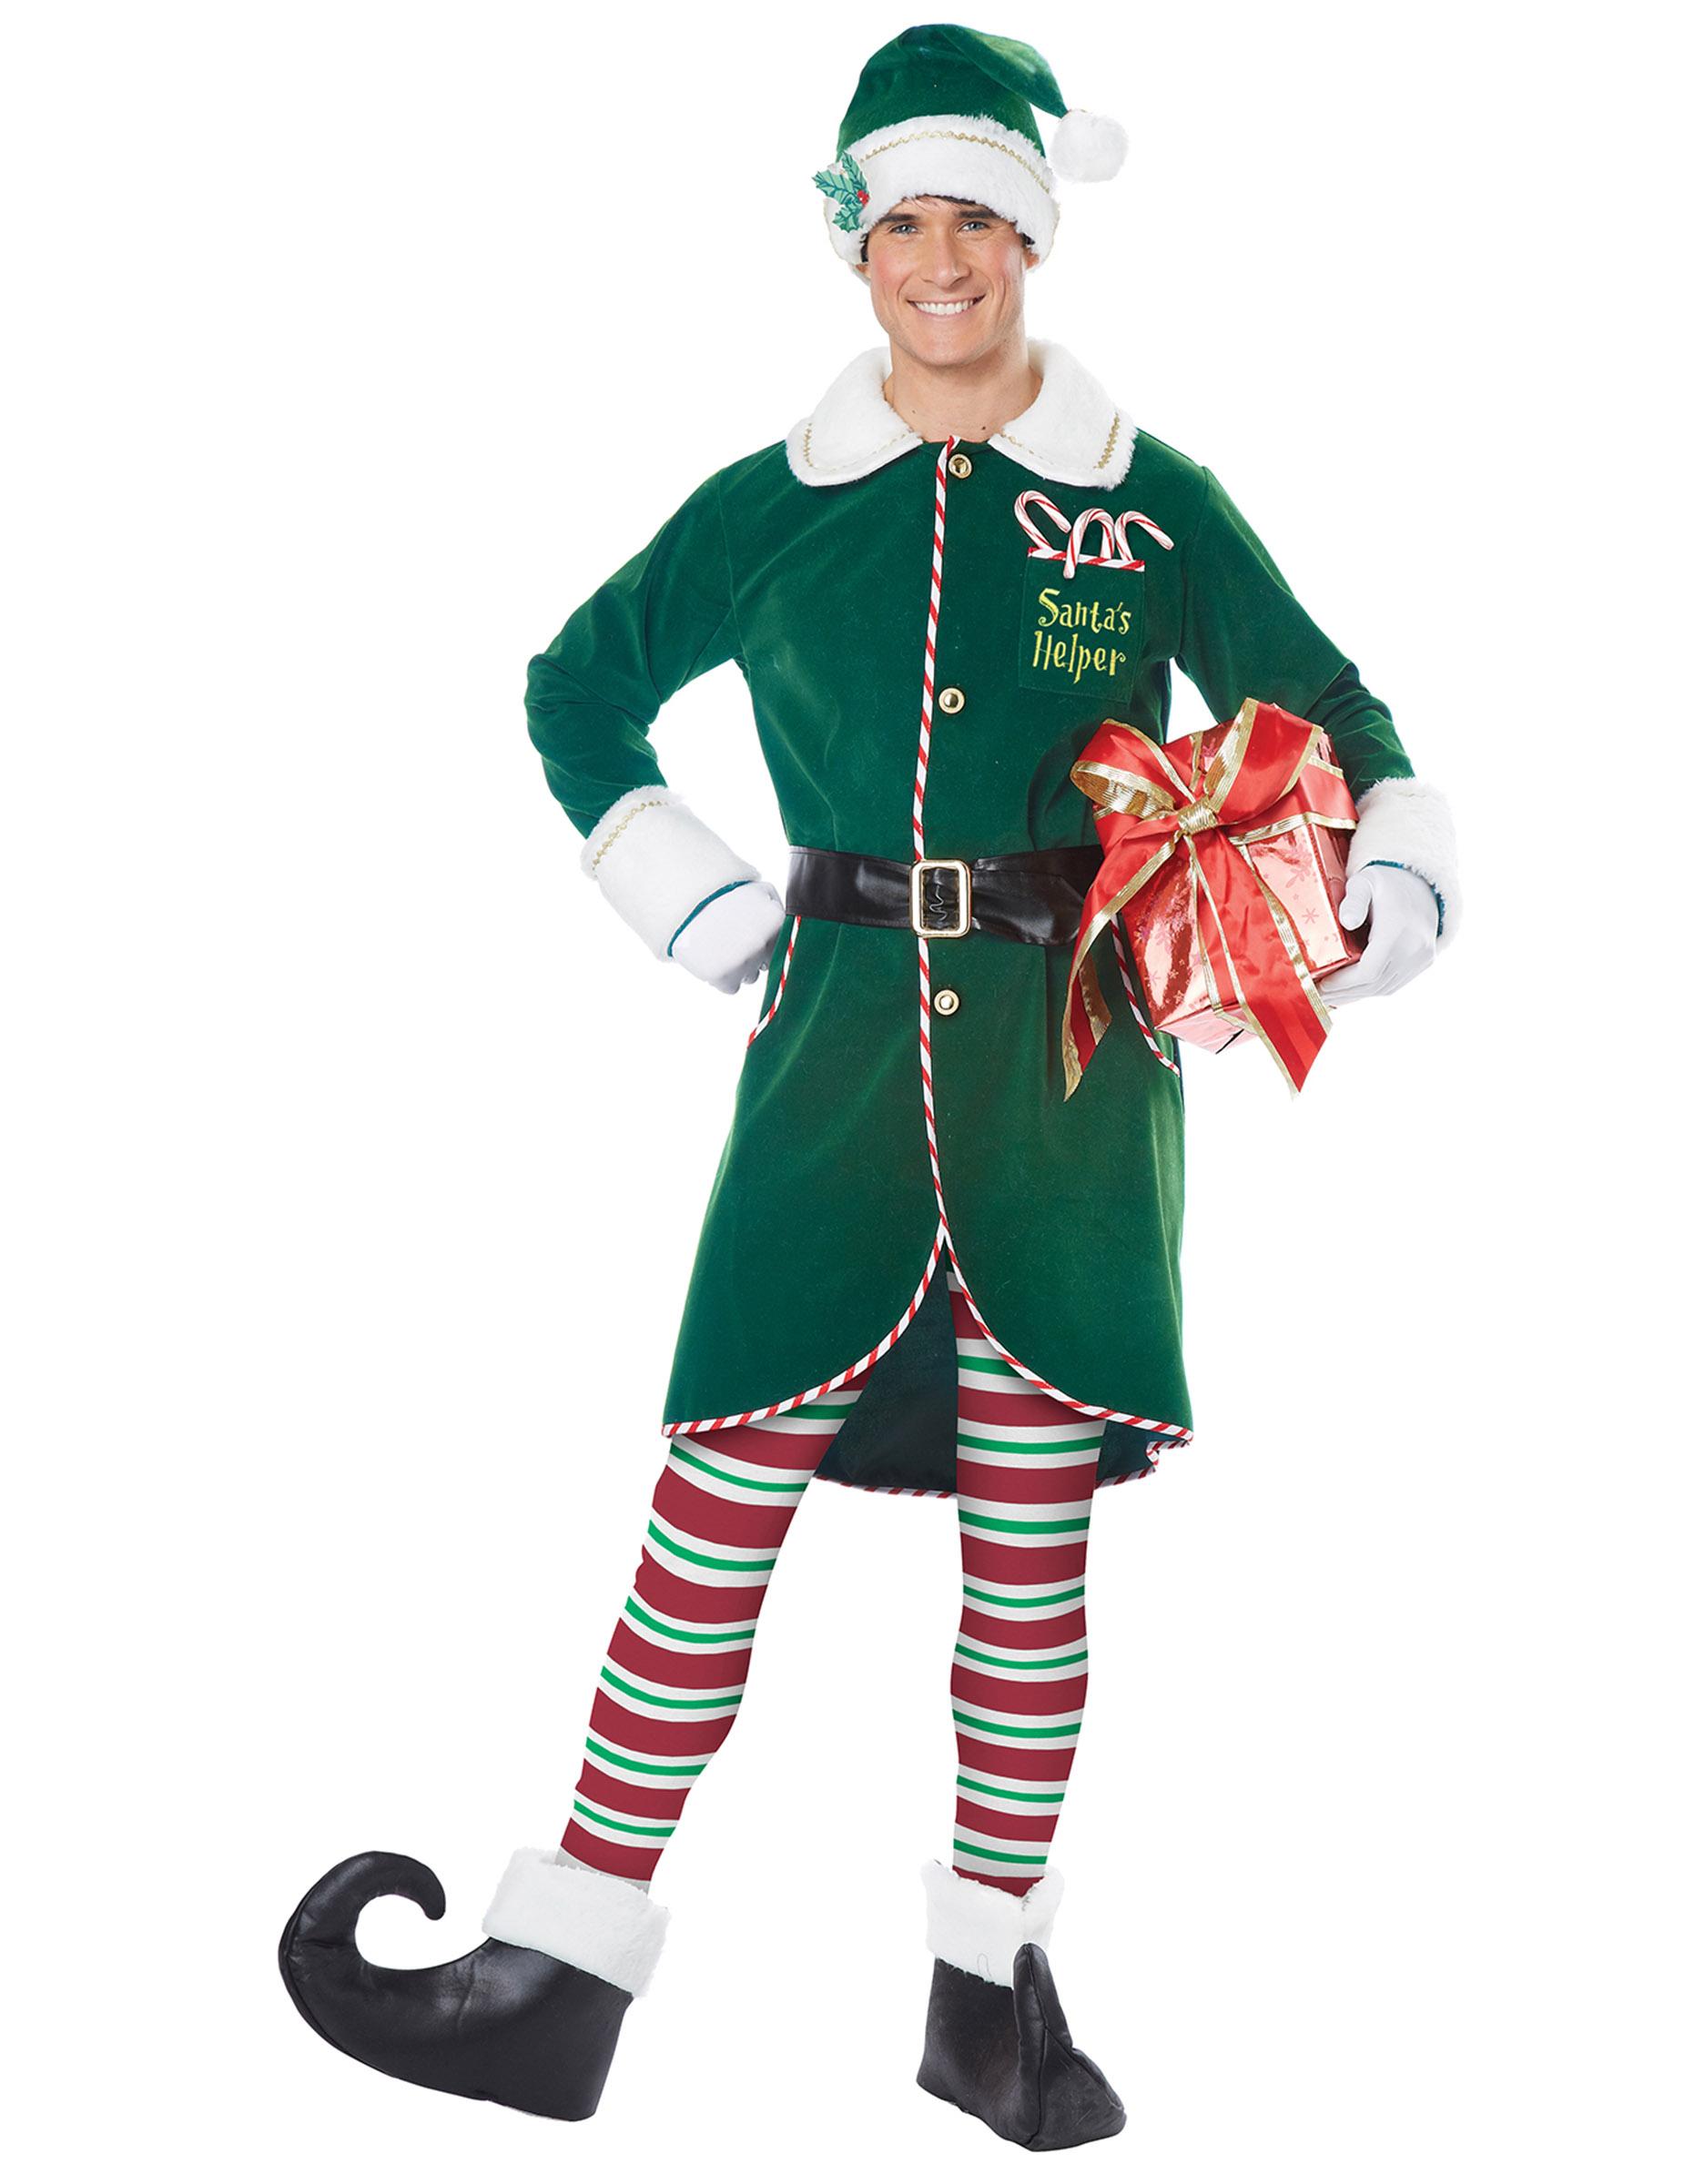 Weihnachtself-Kostüm für Herren Weihnachten grün-weiss-rot - S / M 307231